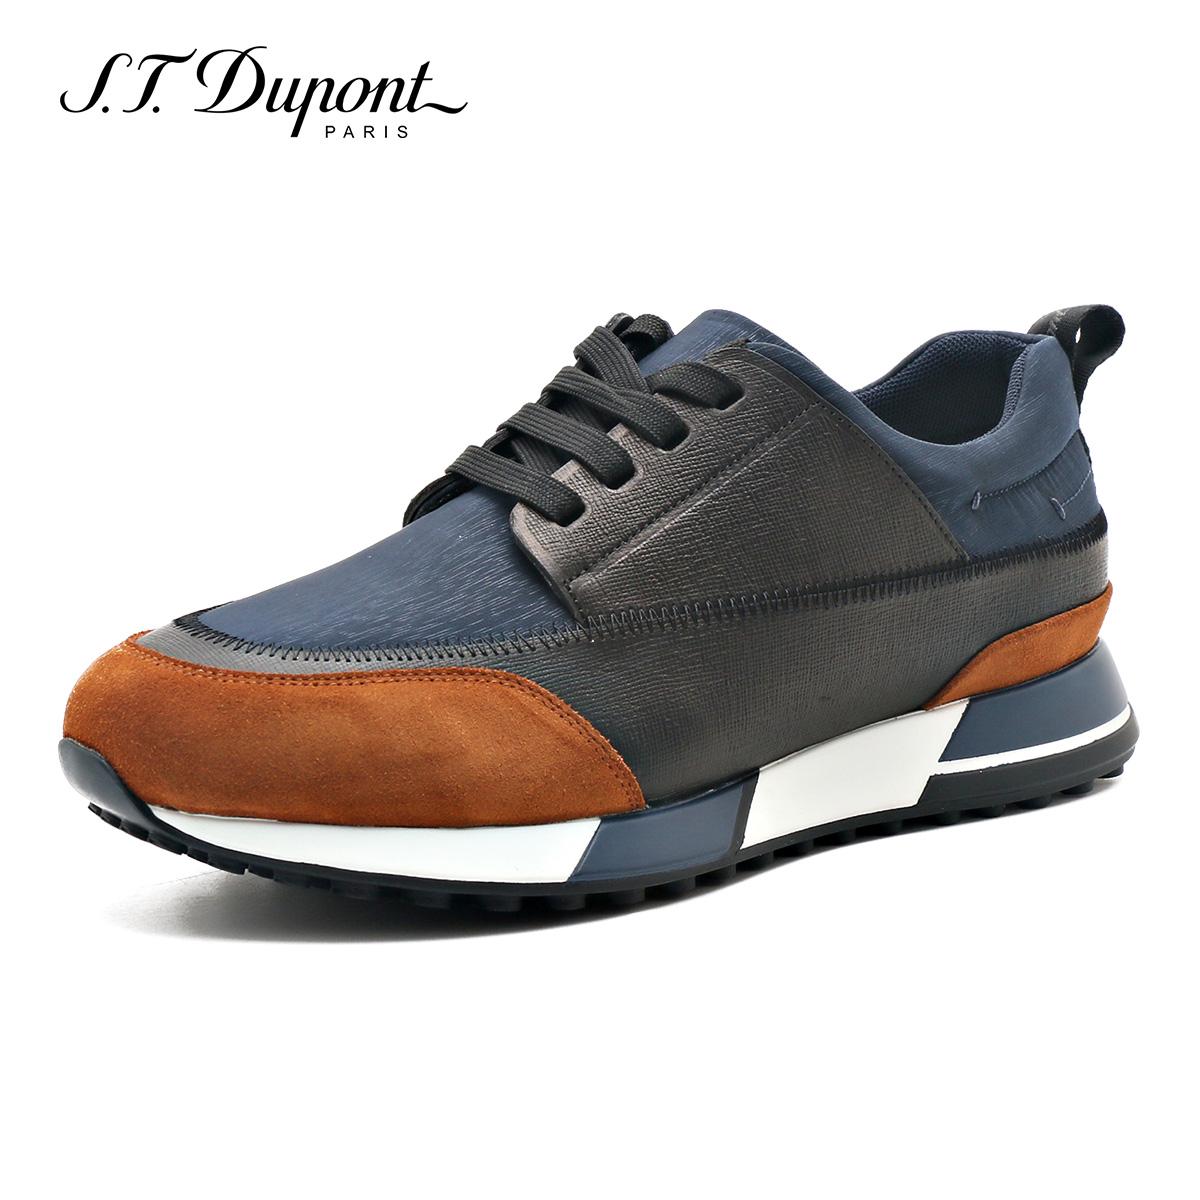 남자스니커즈 S.T.Dupont/캐주얼신발 운동화 남성 런닝화 신발 유행하는남성복 G27119804